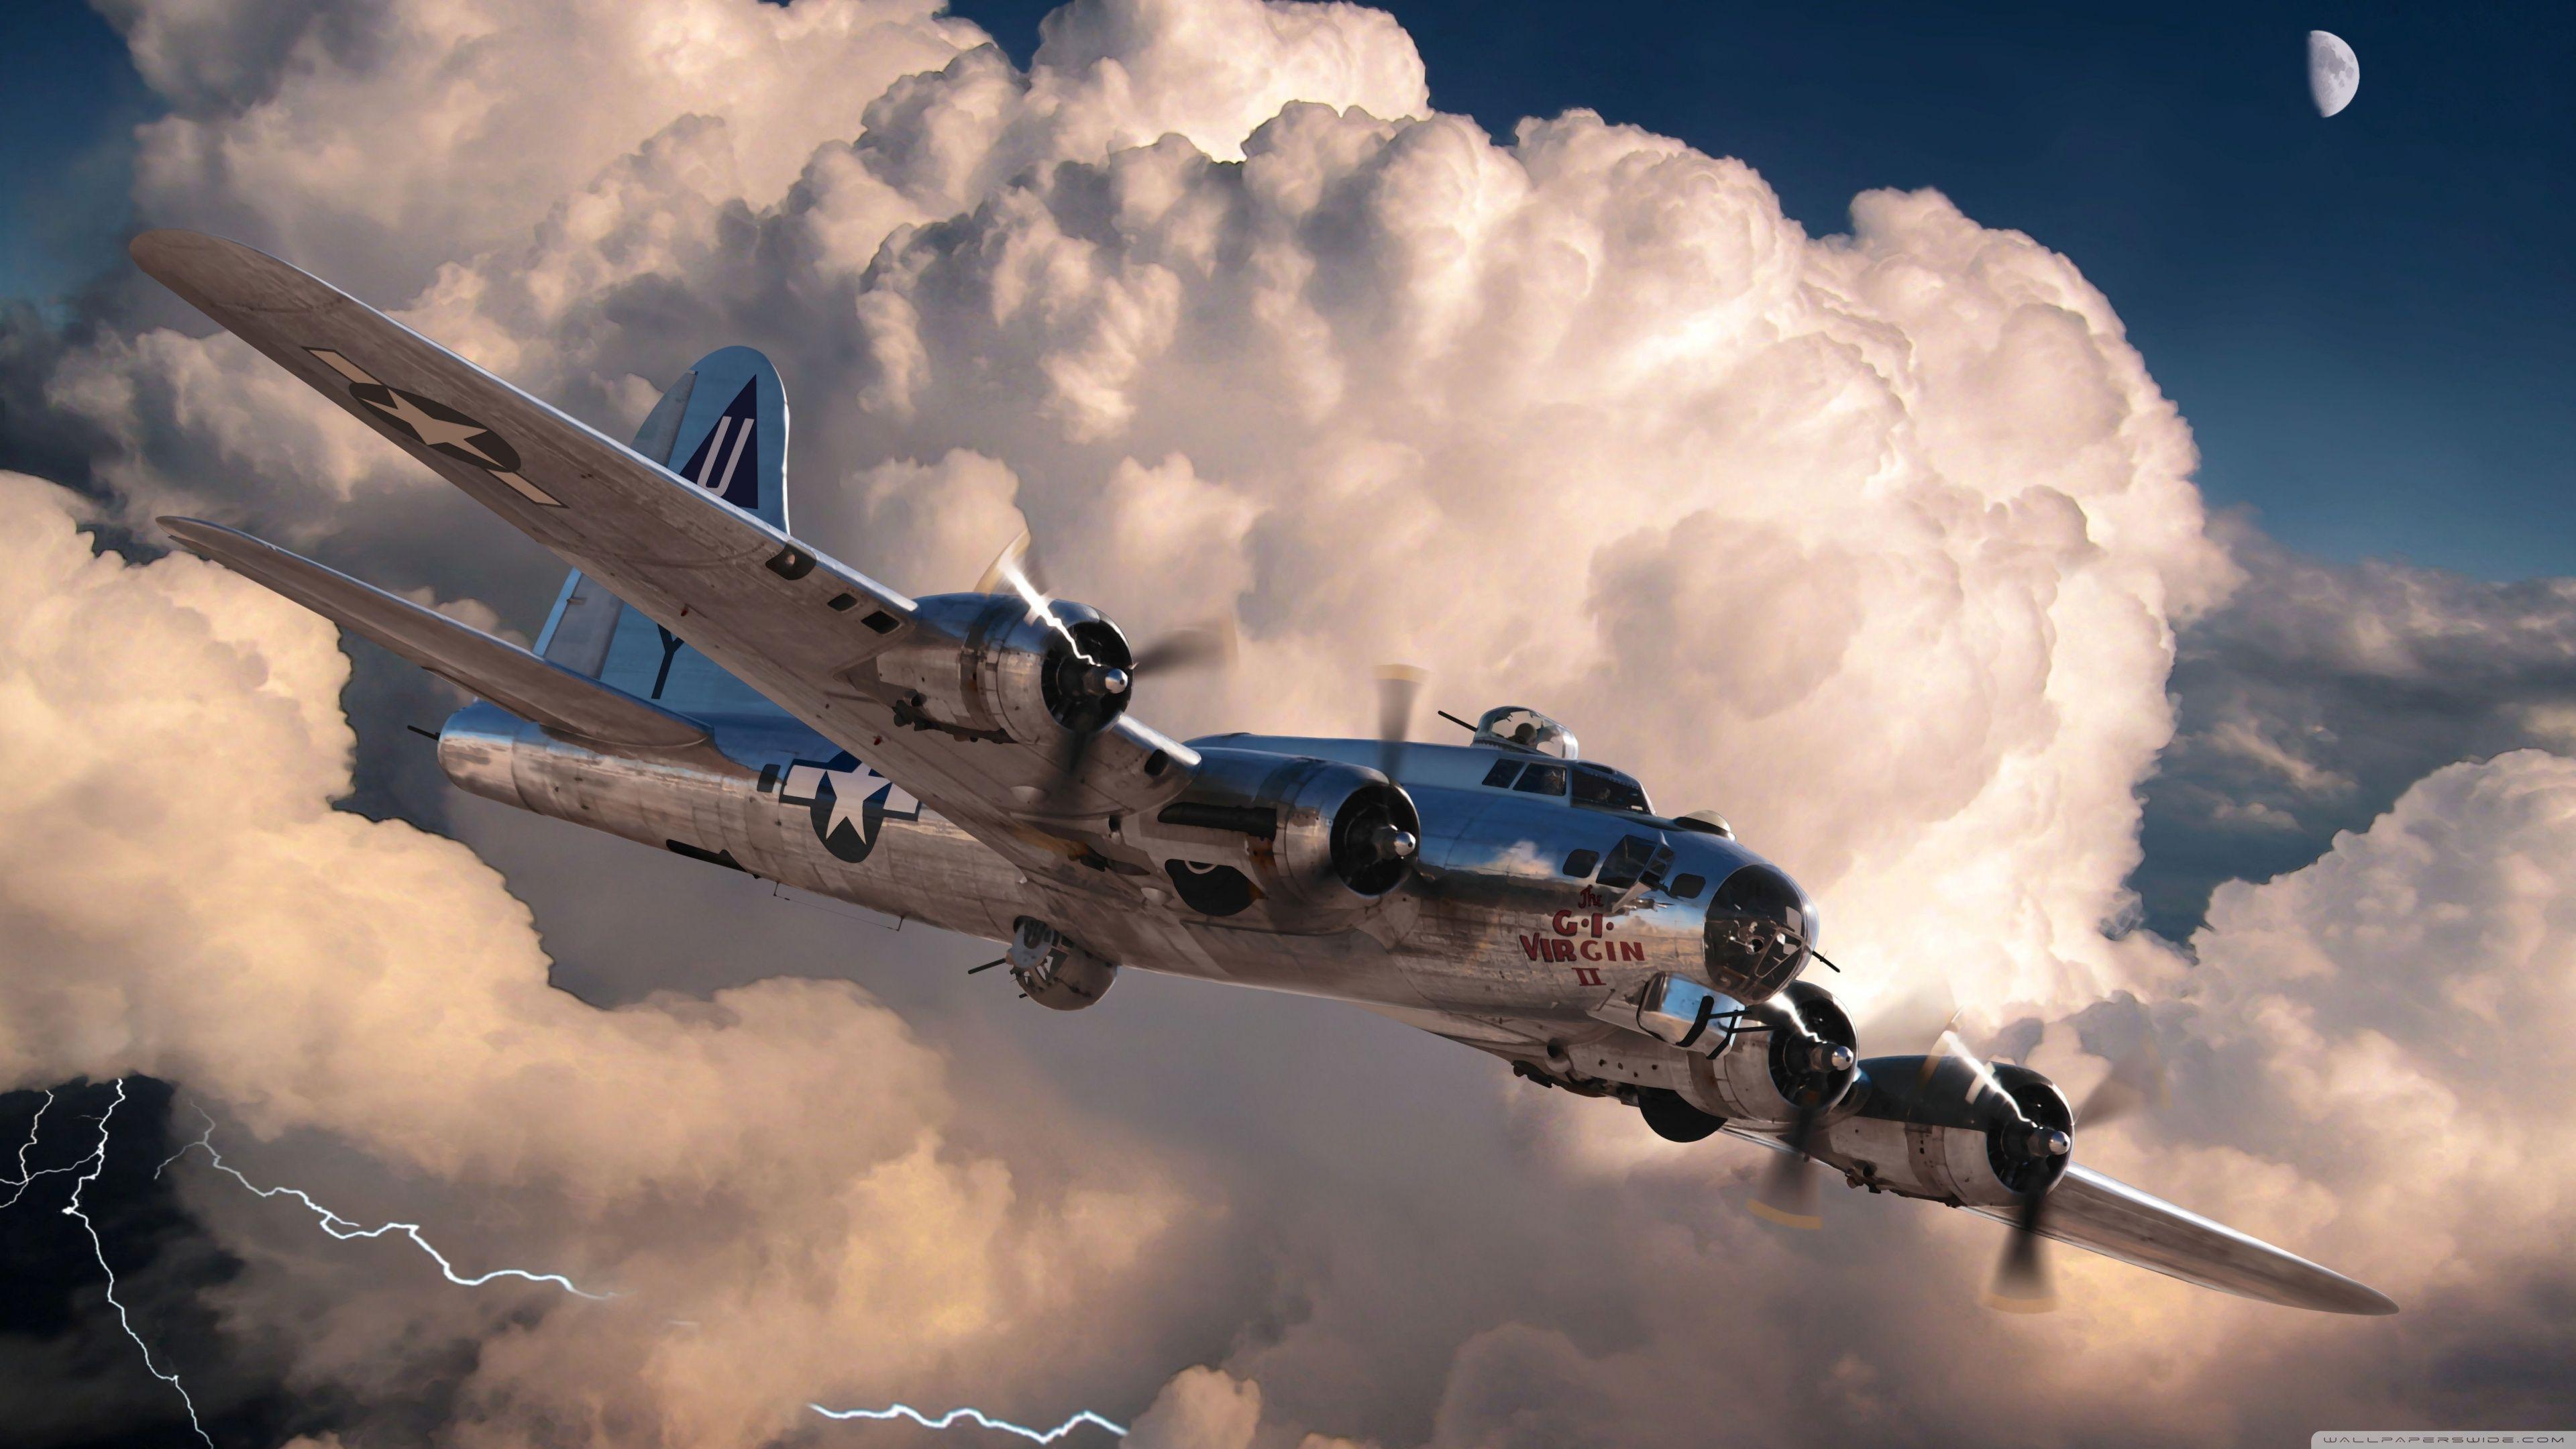 3840x2160 World War 2 Plane 4k Hd Desktop Wallpaper For 4k Ultra Hd Tv Aviation Art Aircraft Art Aircraft